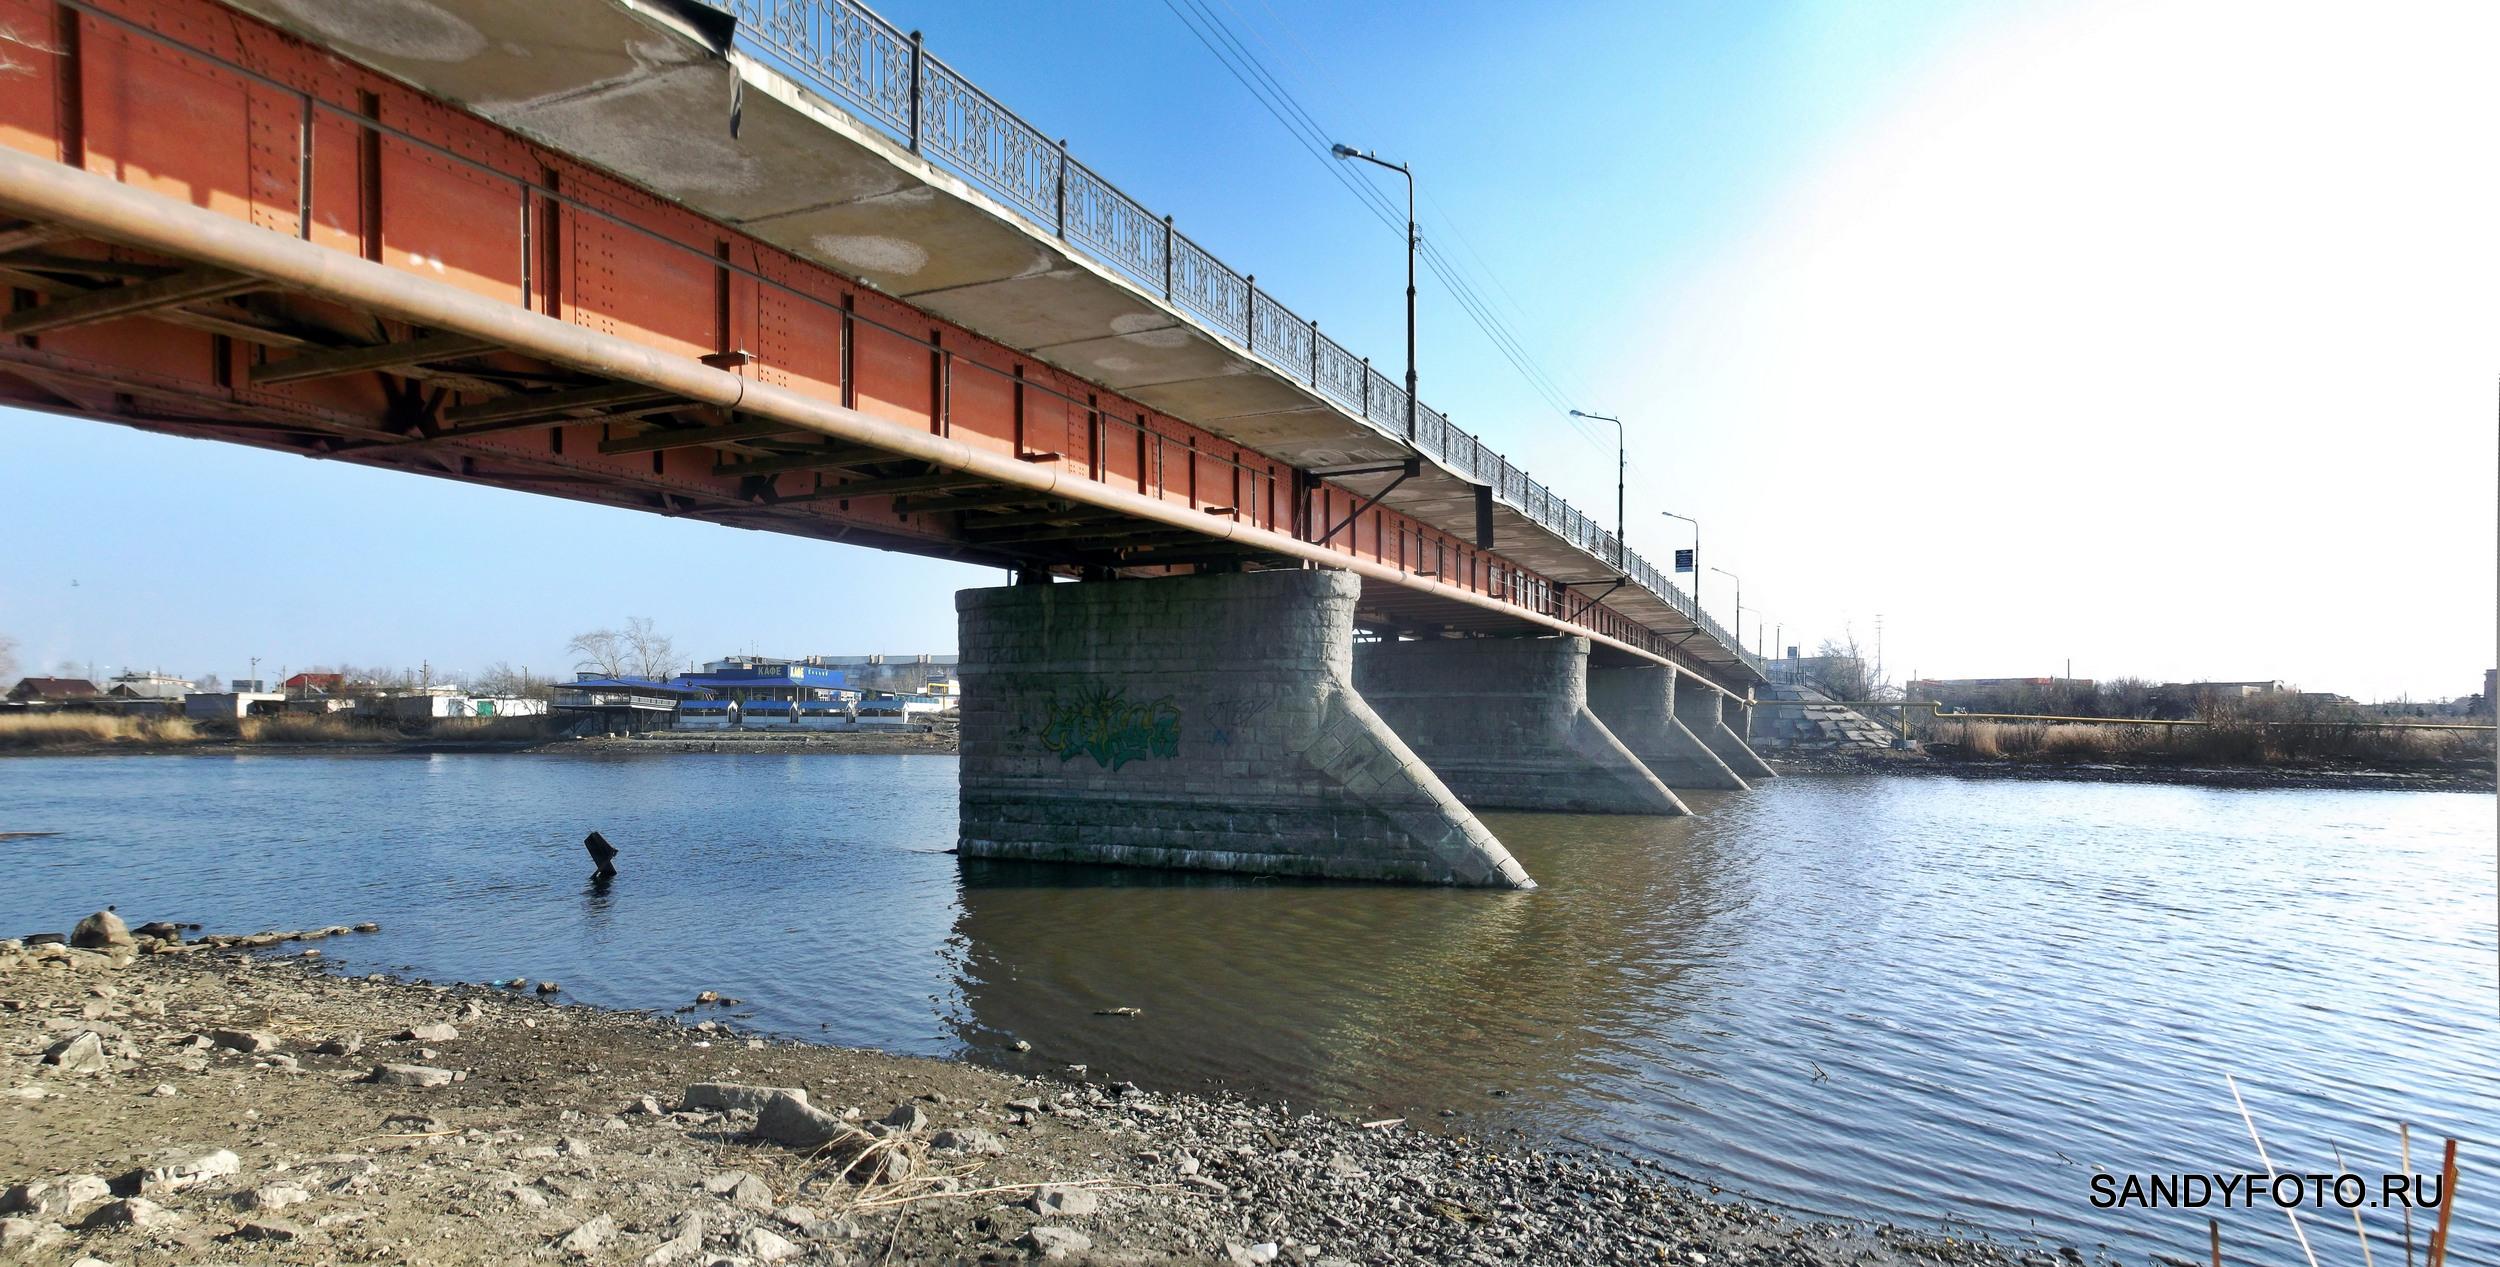 Как изменился уровень воды в реке